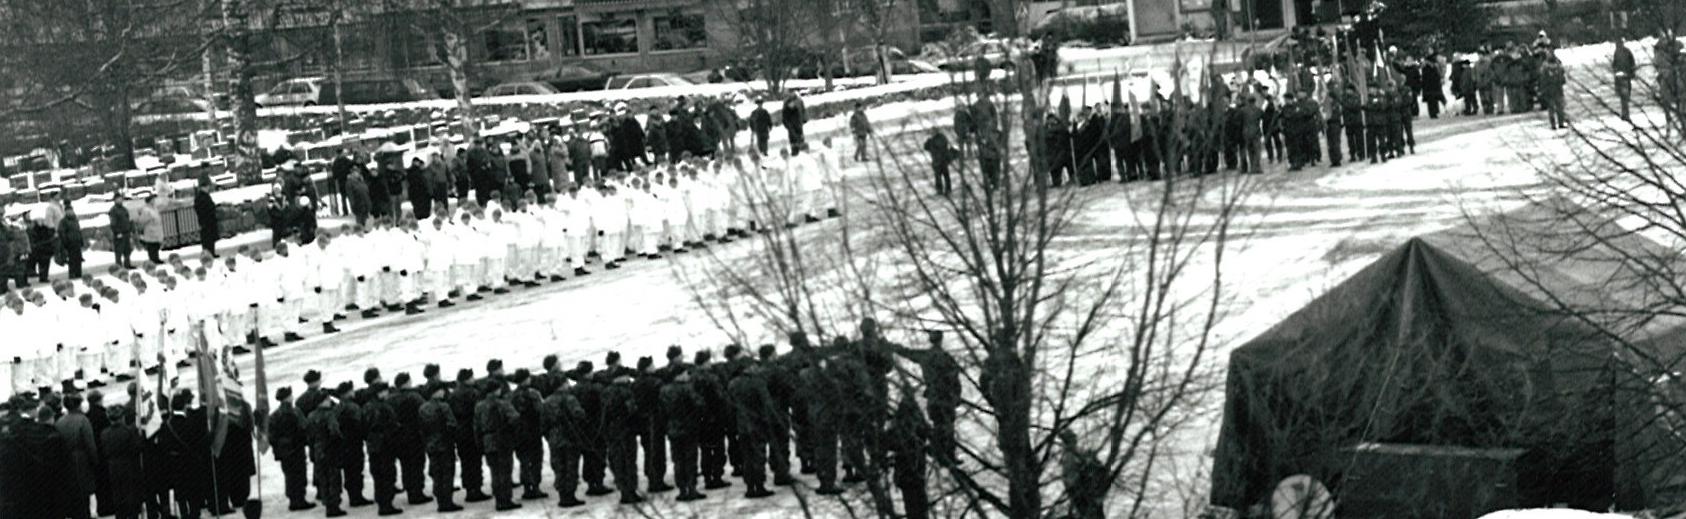 Uudenmaan 38. maanpuolustuspäivä Karkkilassa